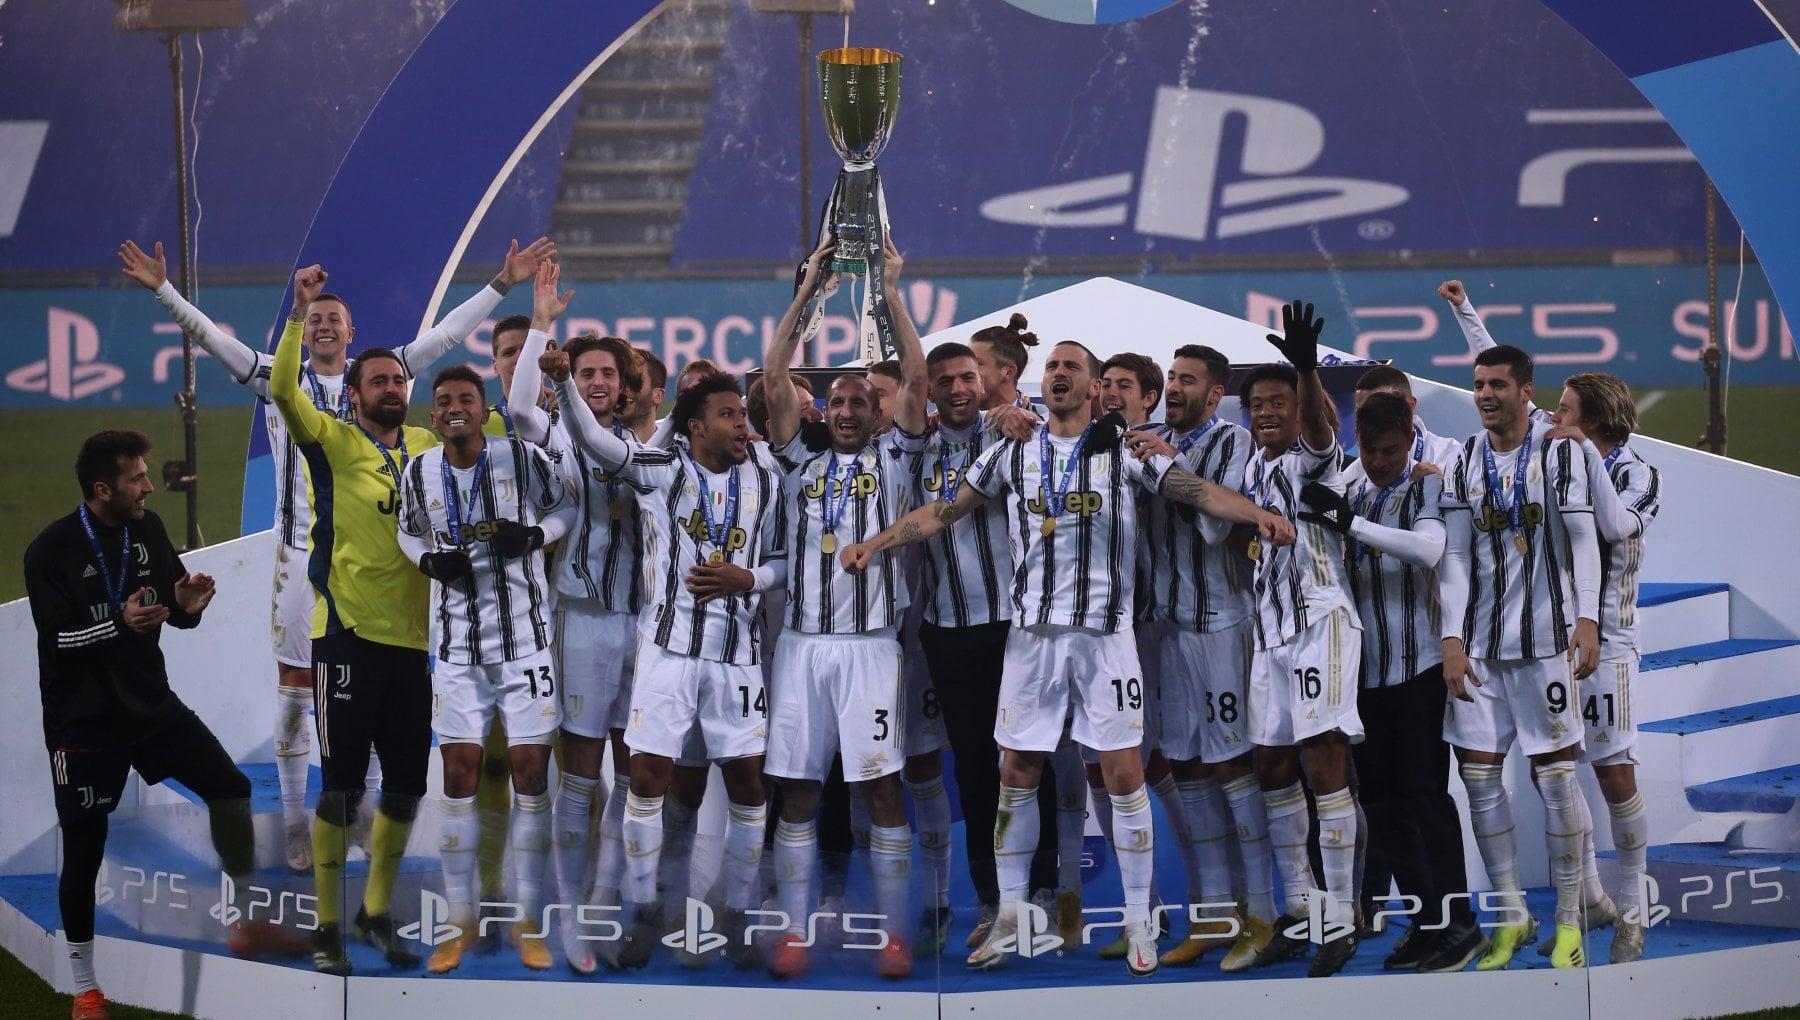 Supercoppa, Juventus-Napoli 2-0: Ronaldo e Morata gol. Insigne, rigore  fatale » Notizie italiane in tempo reale!